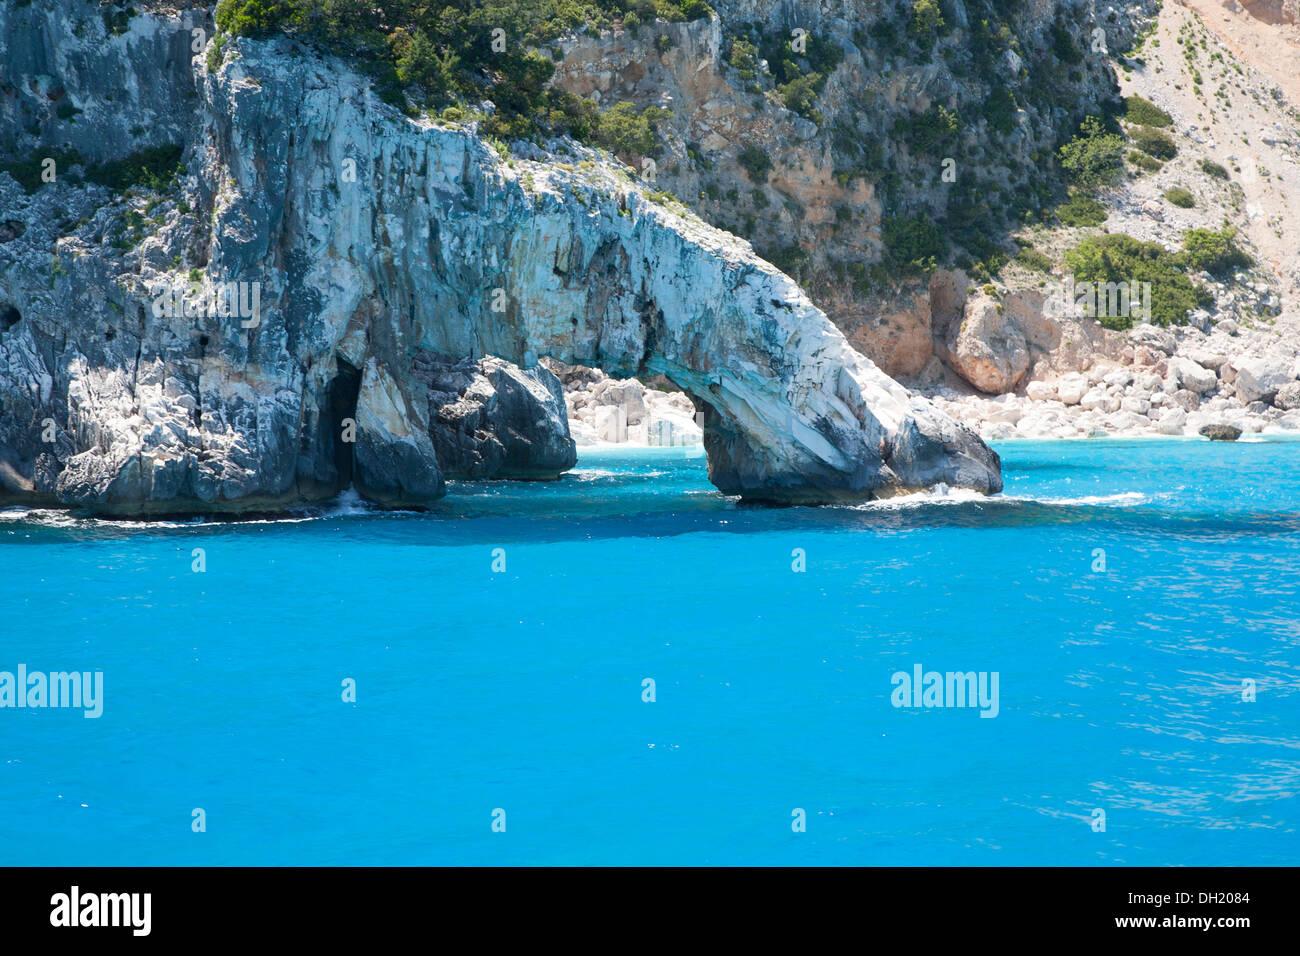 Arch on the coast of Sardinia - Stock Image